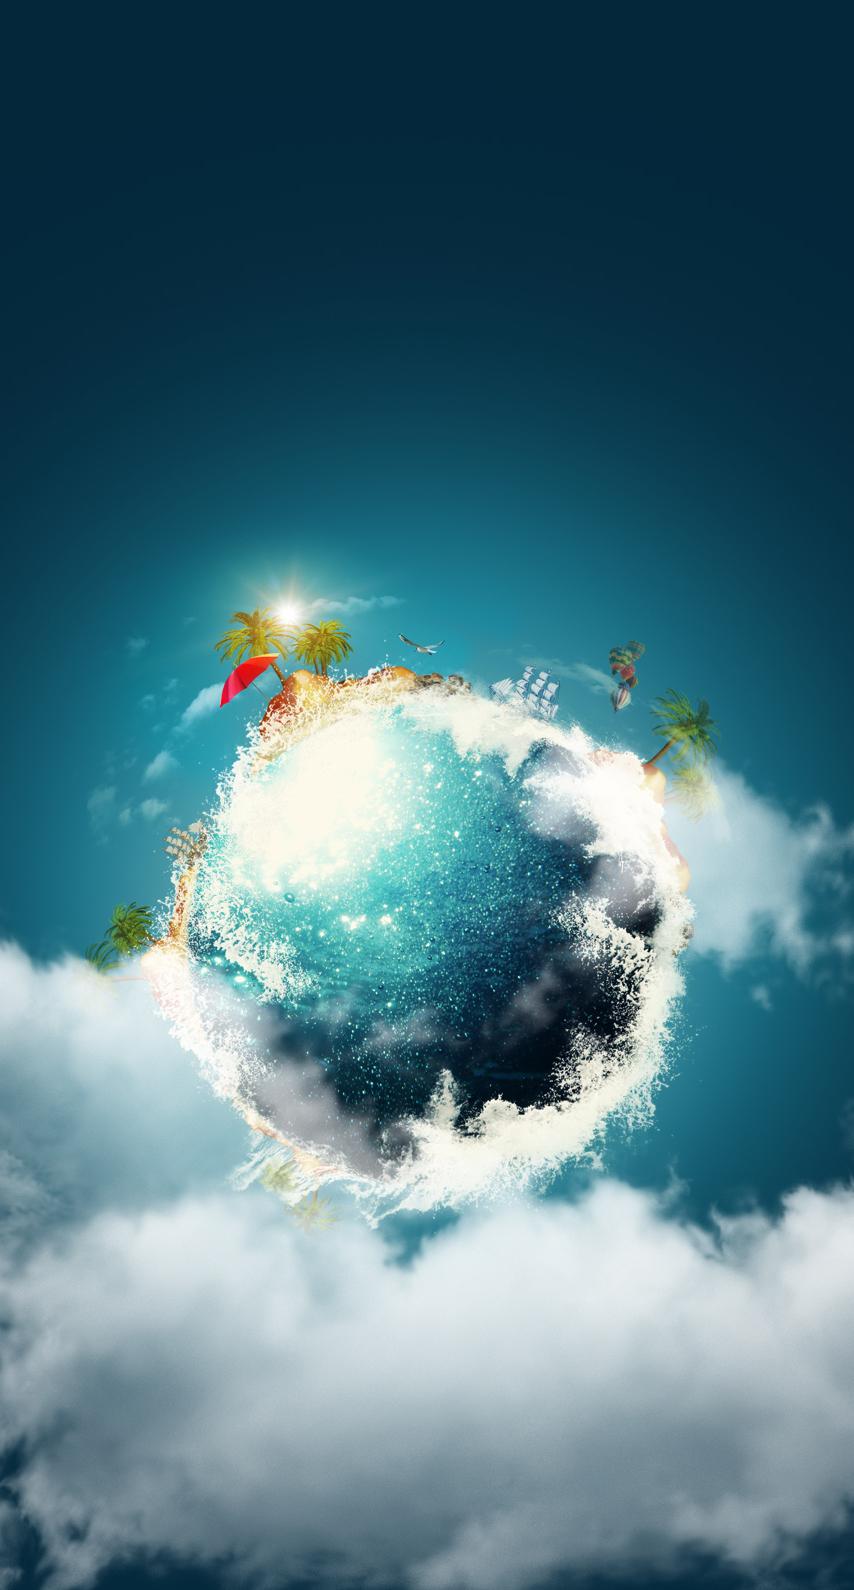 ball, sun, insubstantial, desktop, no person, sphere, fair weather, cloud, color, weather